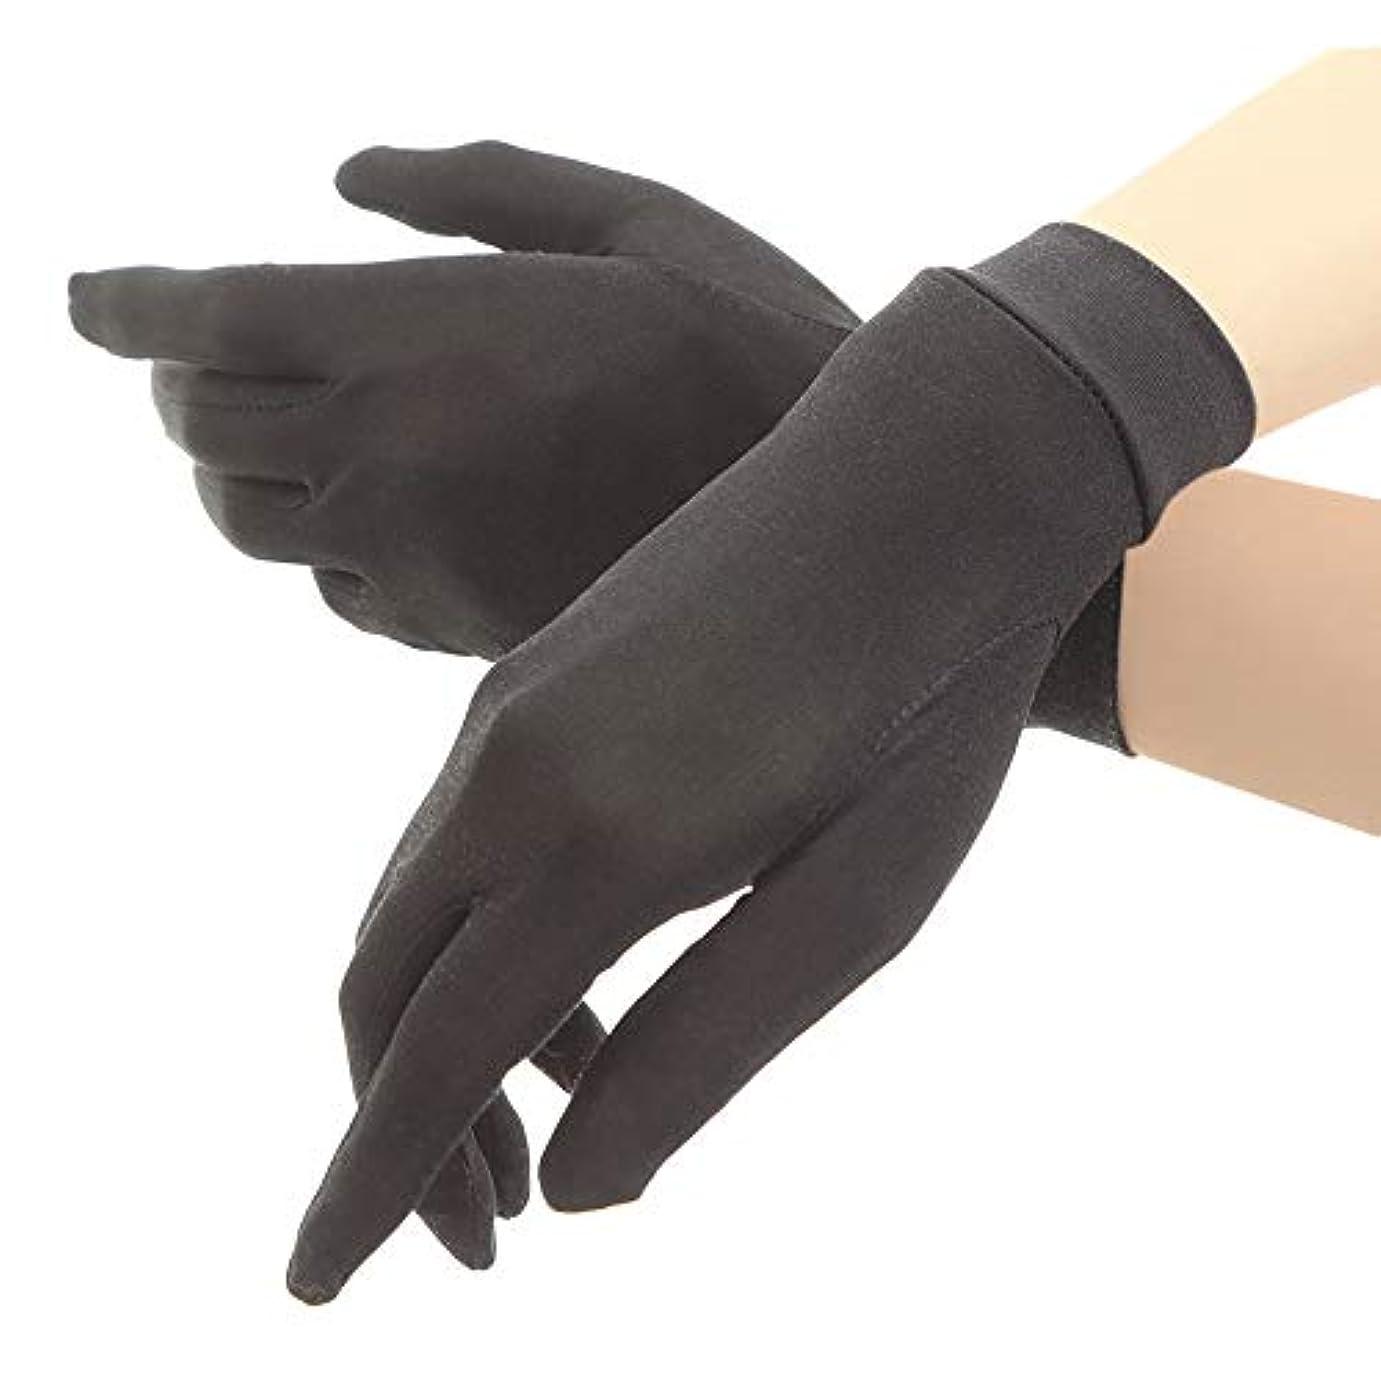 好き抜け目のない休みシルク手袋 レディース 手袋 シルク 絹 ハンド ケア 保湿 紫外線 肌荒れ 乾燥 サイズアップで手指にマッチ 【macch】